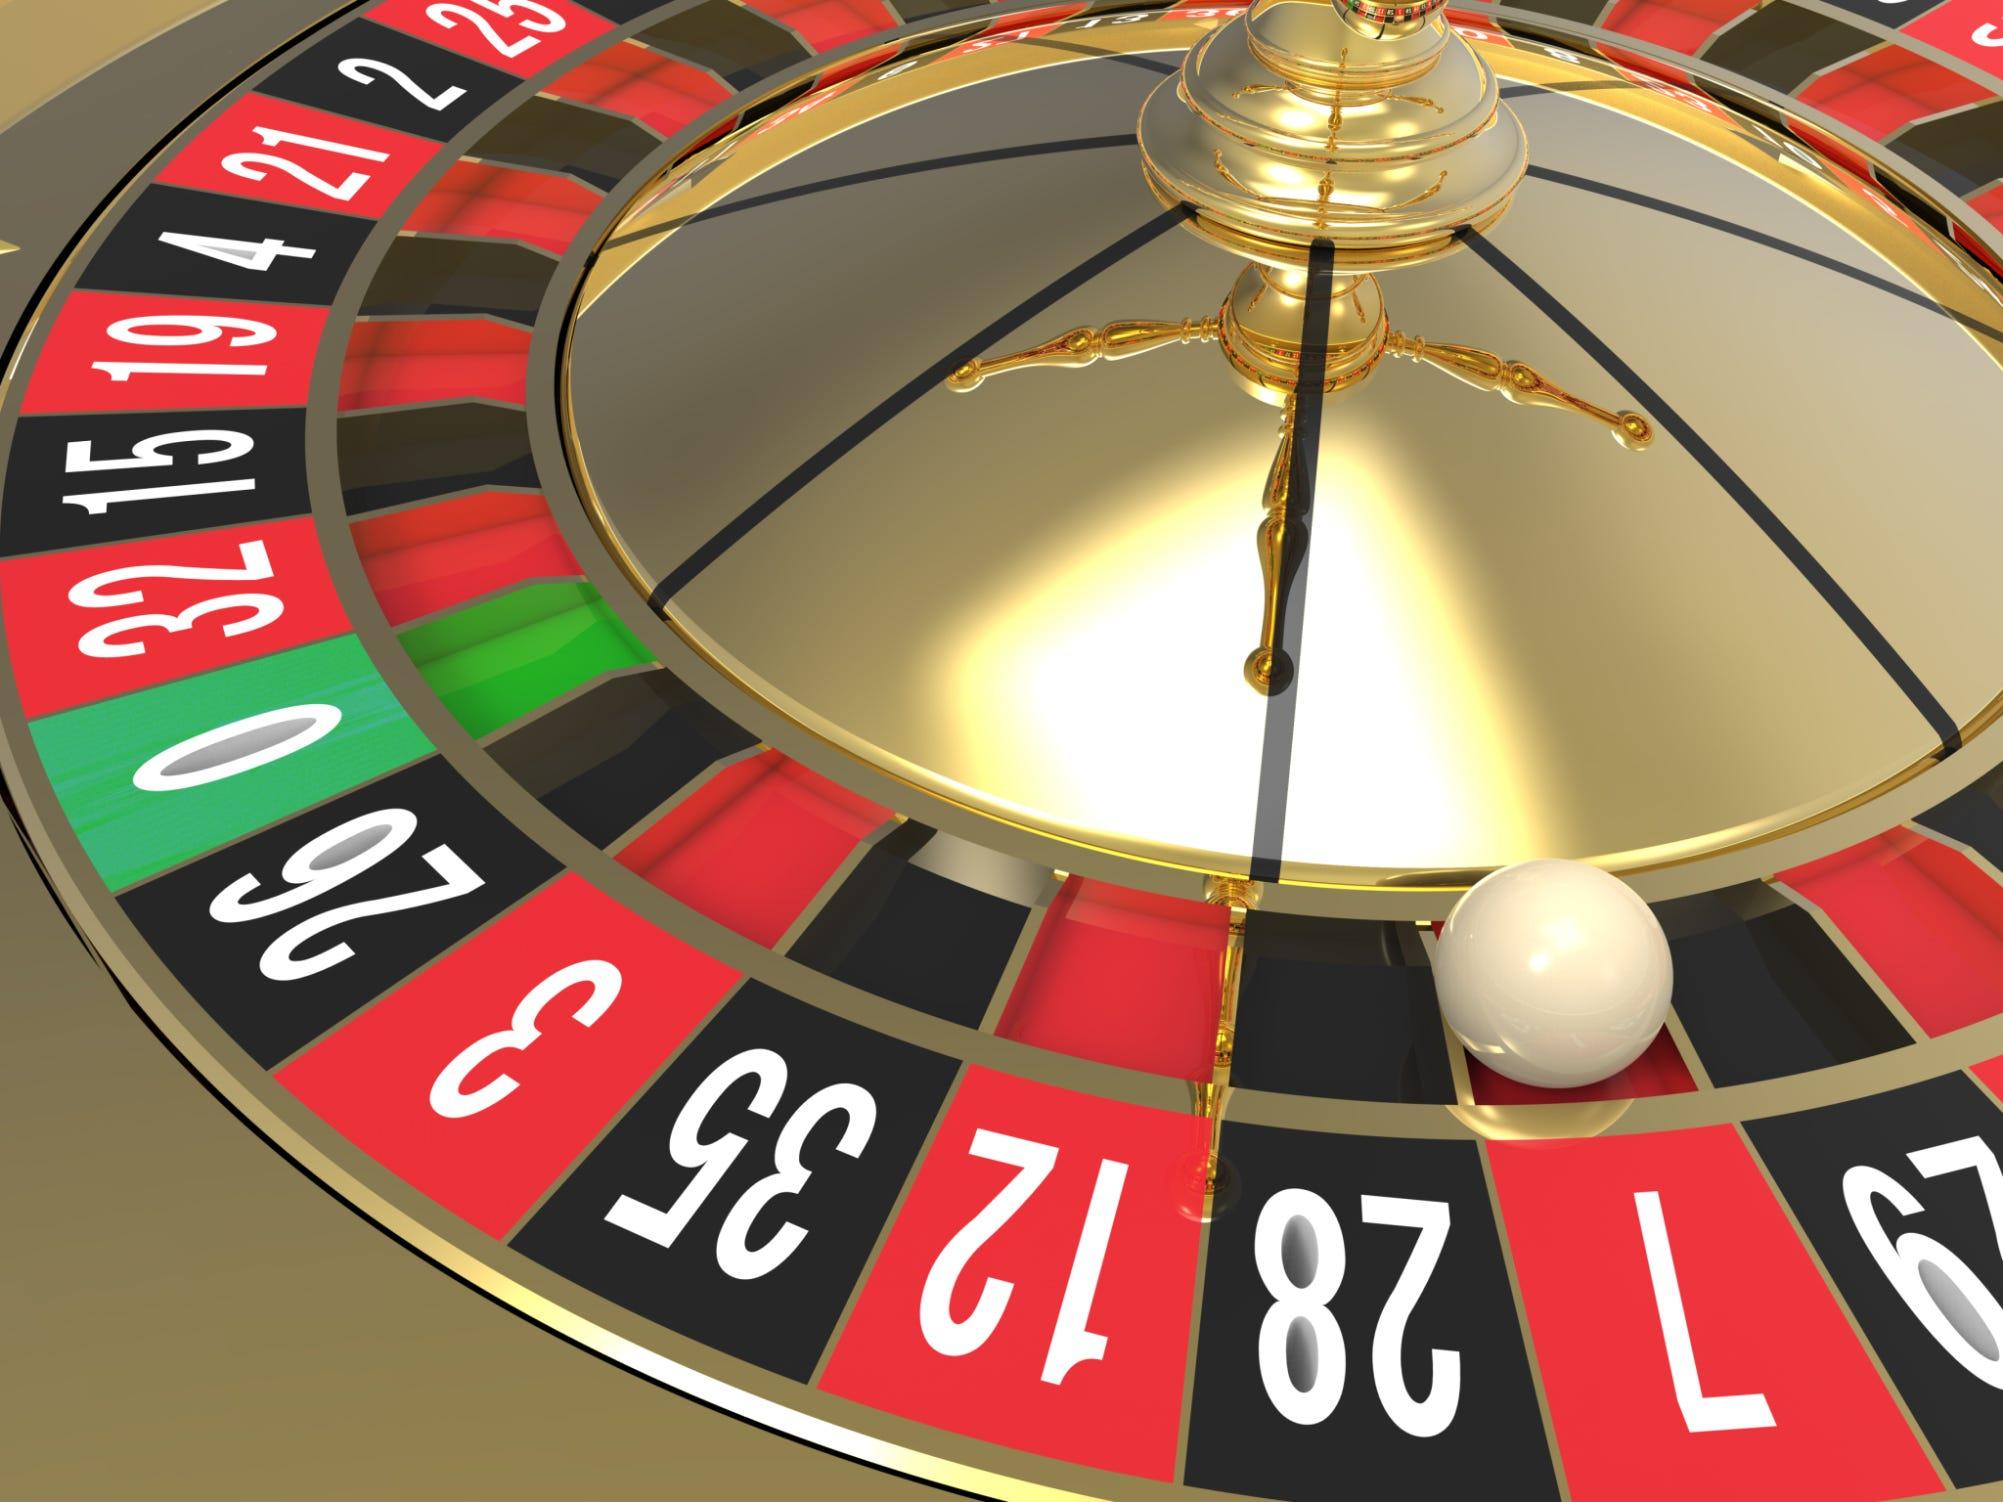 No gambling slogans